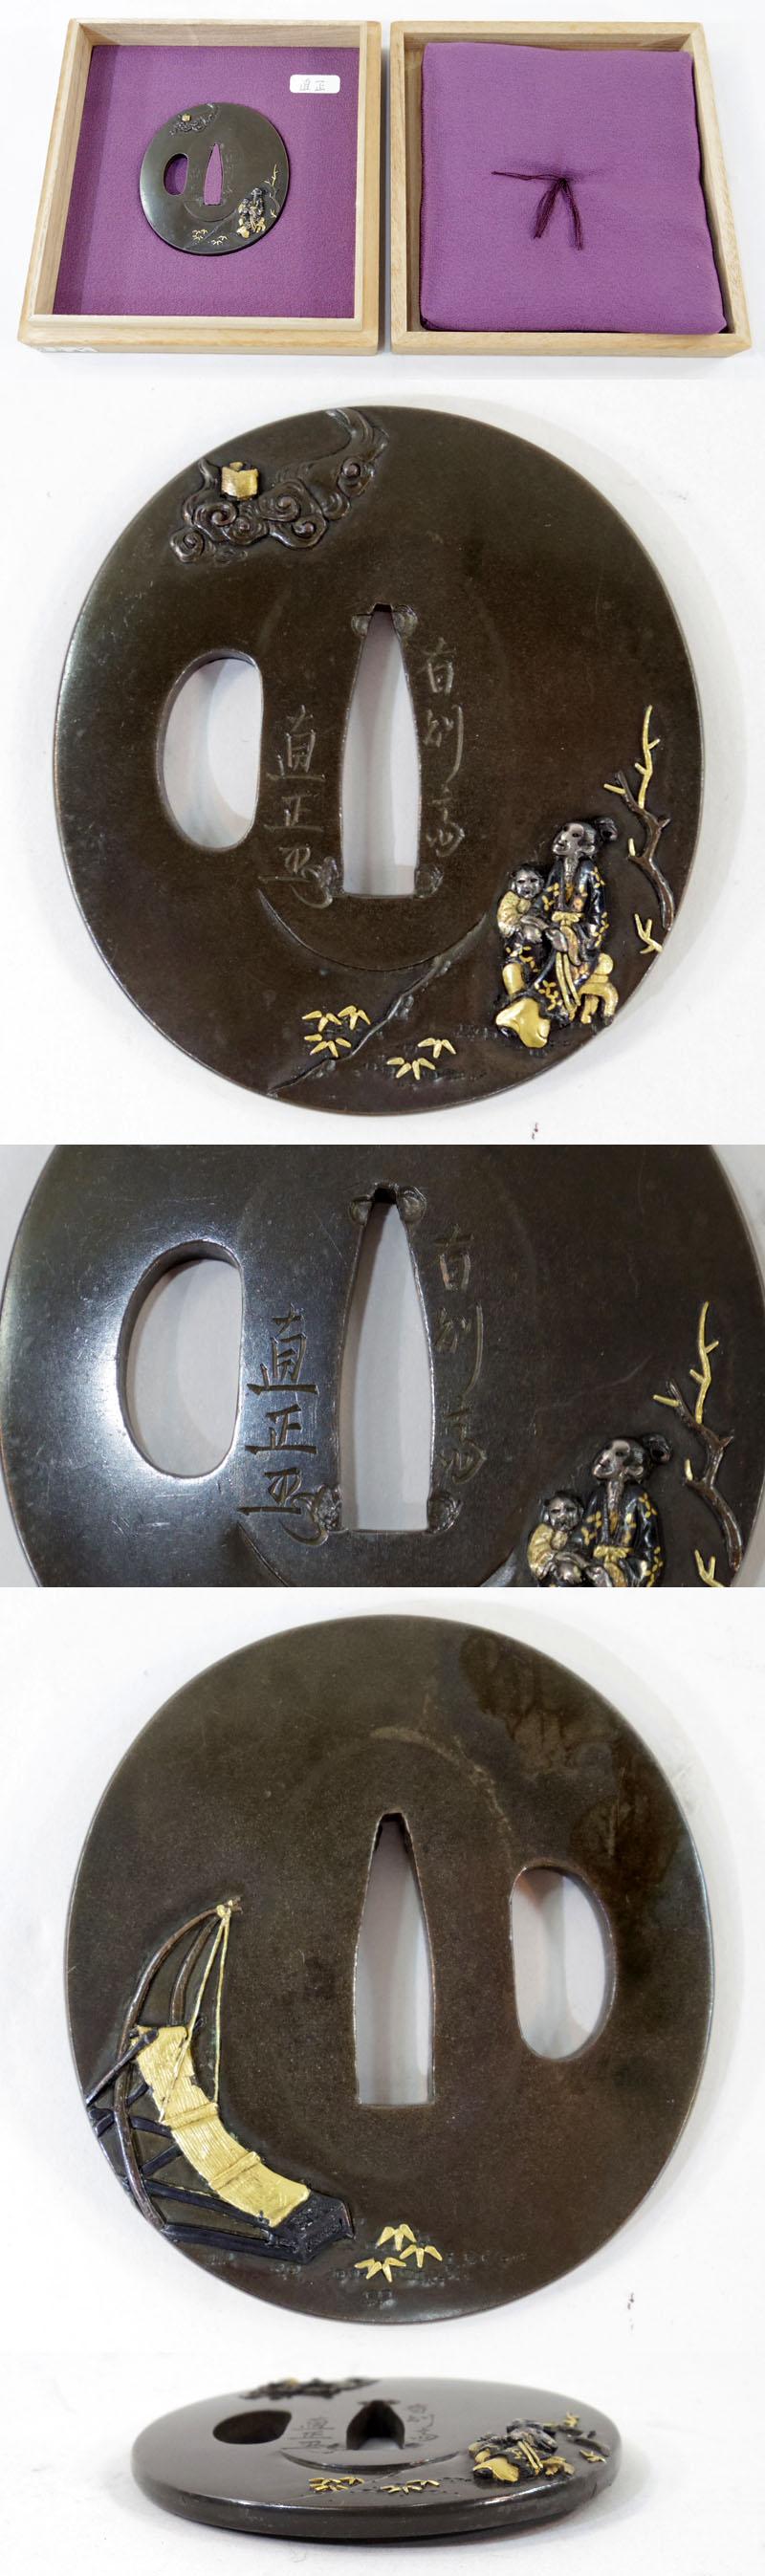 七夕図鍔 有則斎直正(花押) Picture of parts